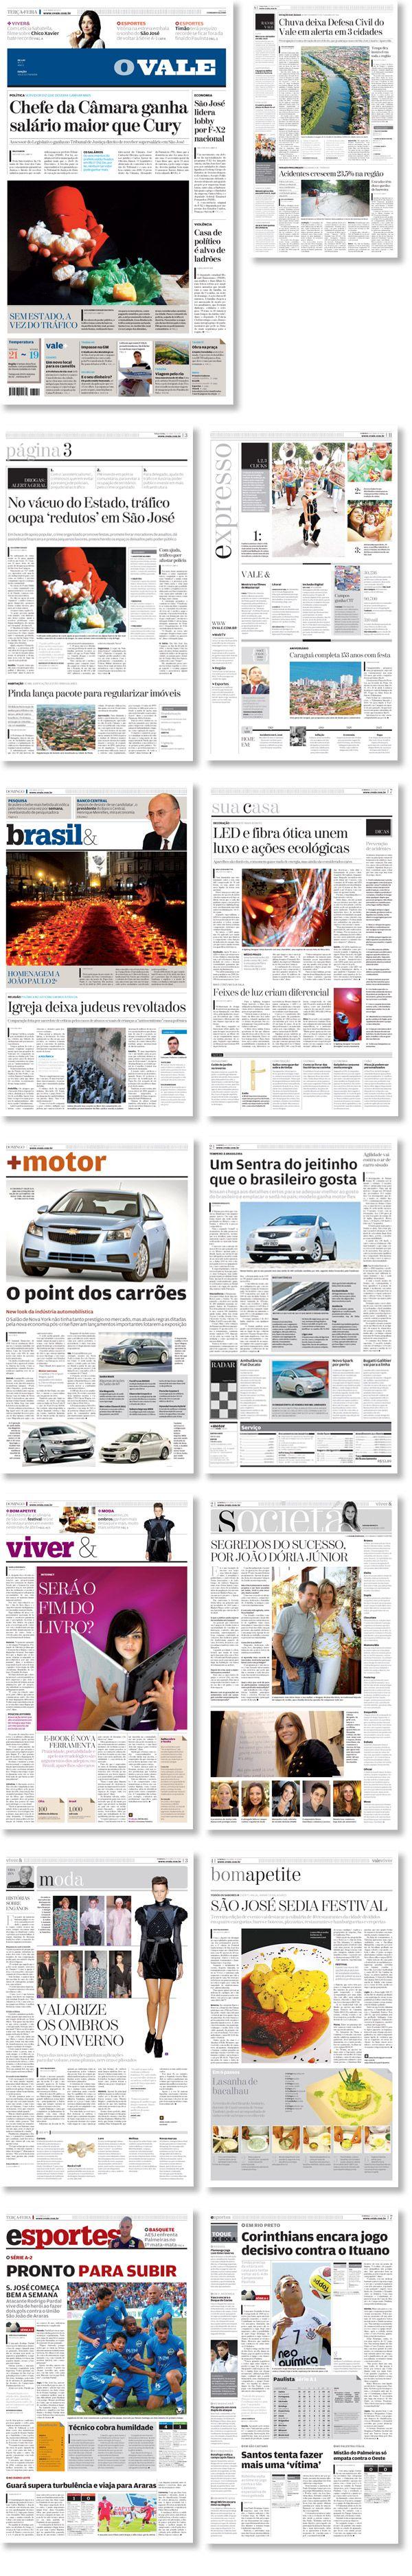 Rediseño del periódico O vale, São José dos Campos, Brasil. Trabajo realizado para Estudi Cases.